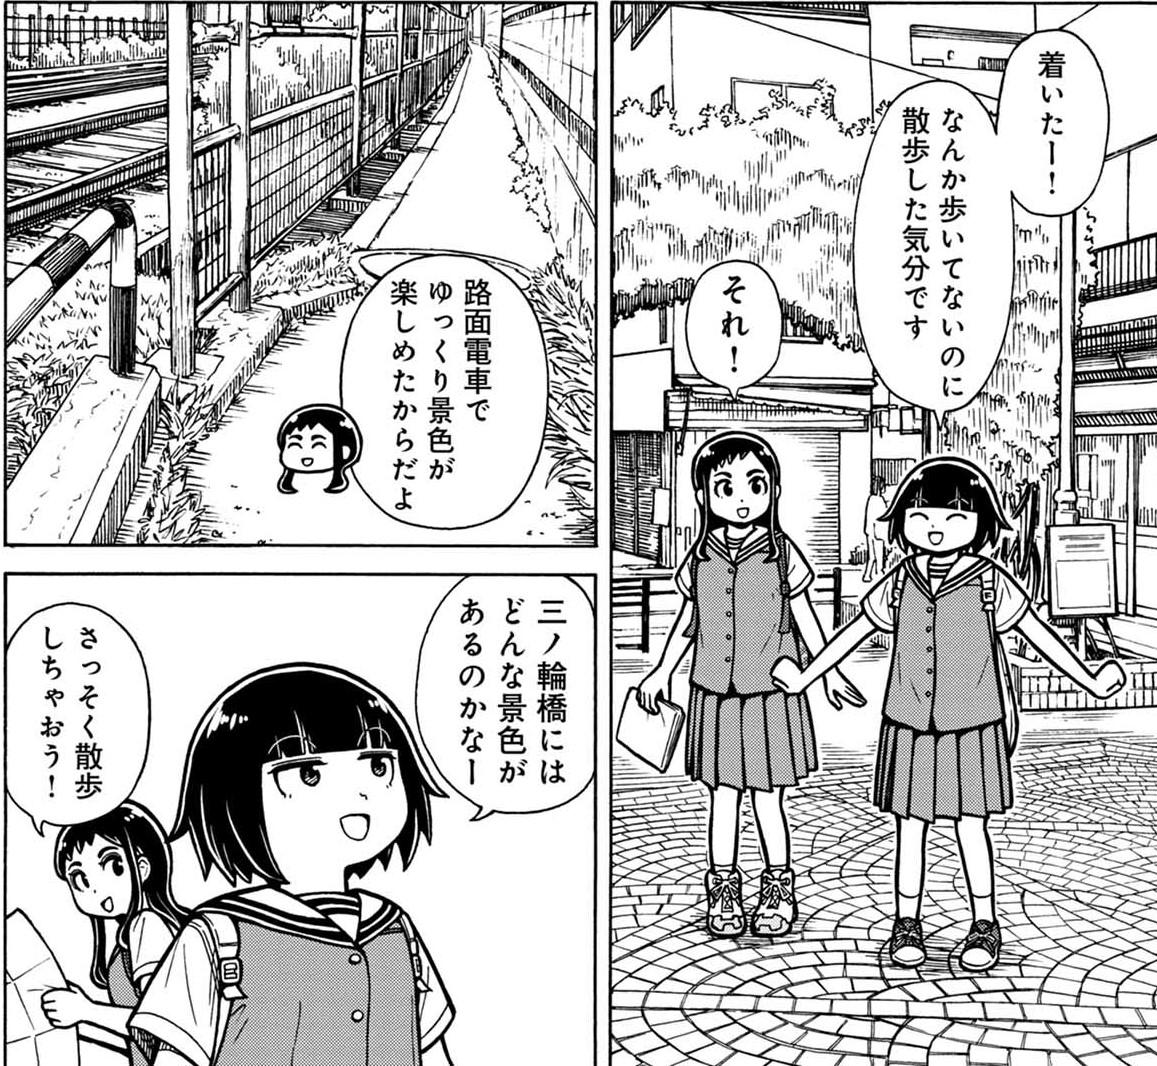 『ぐるぐるてくてく』4巻P.32より © Midori Obiya / LINE